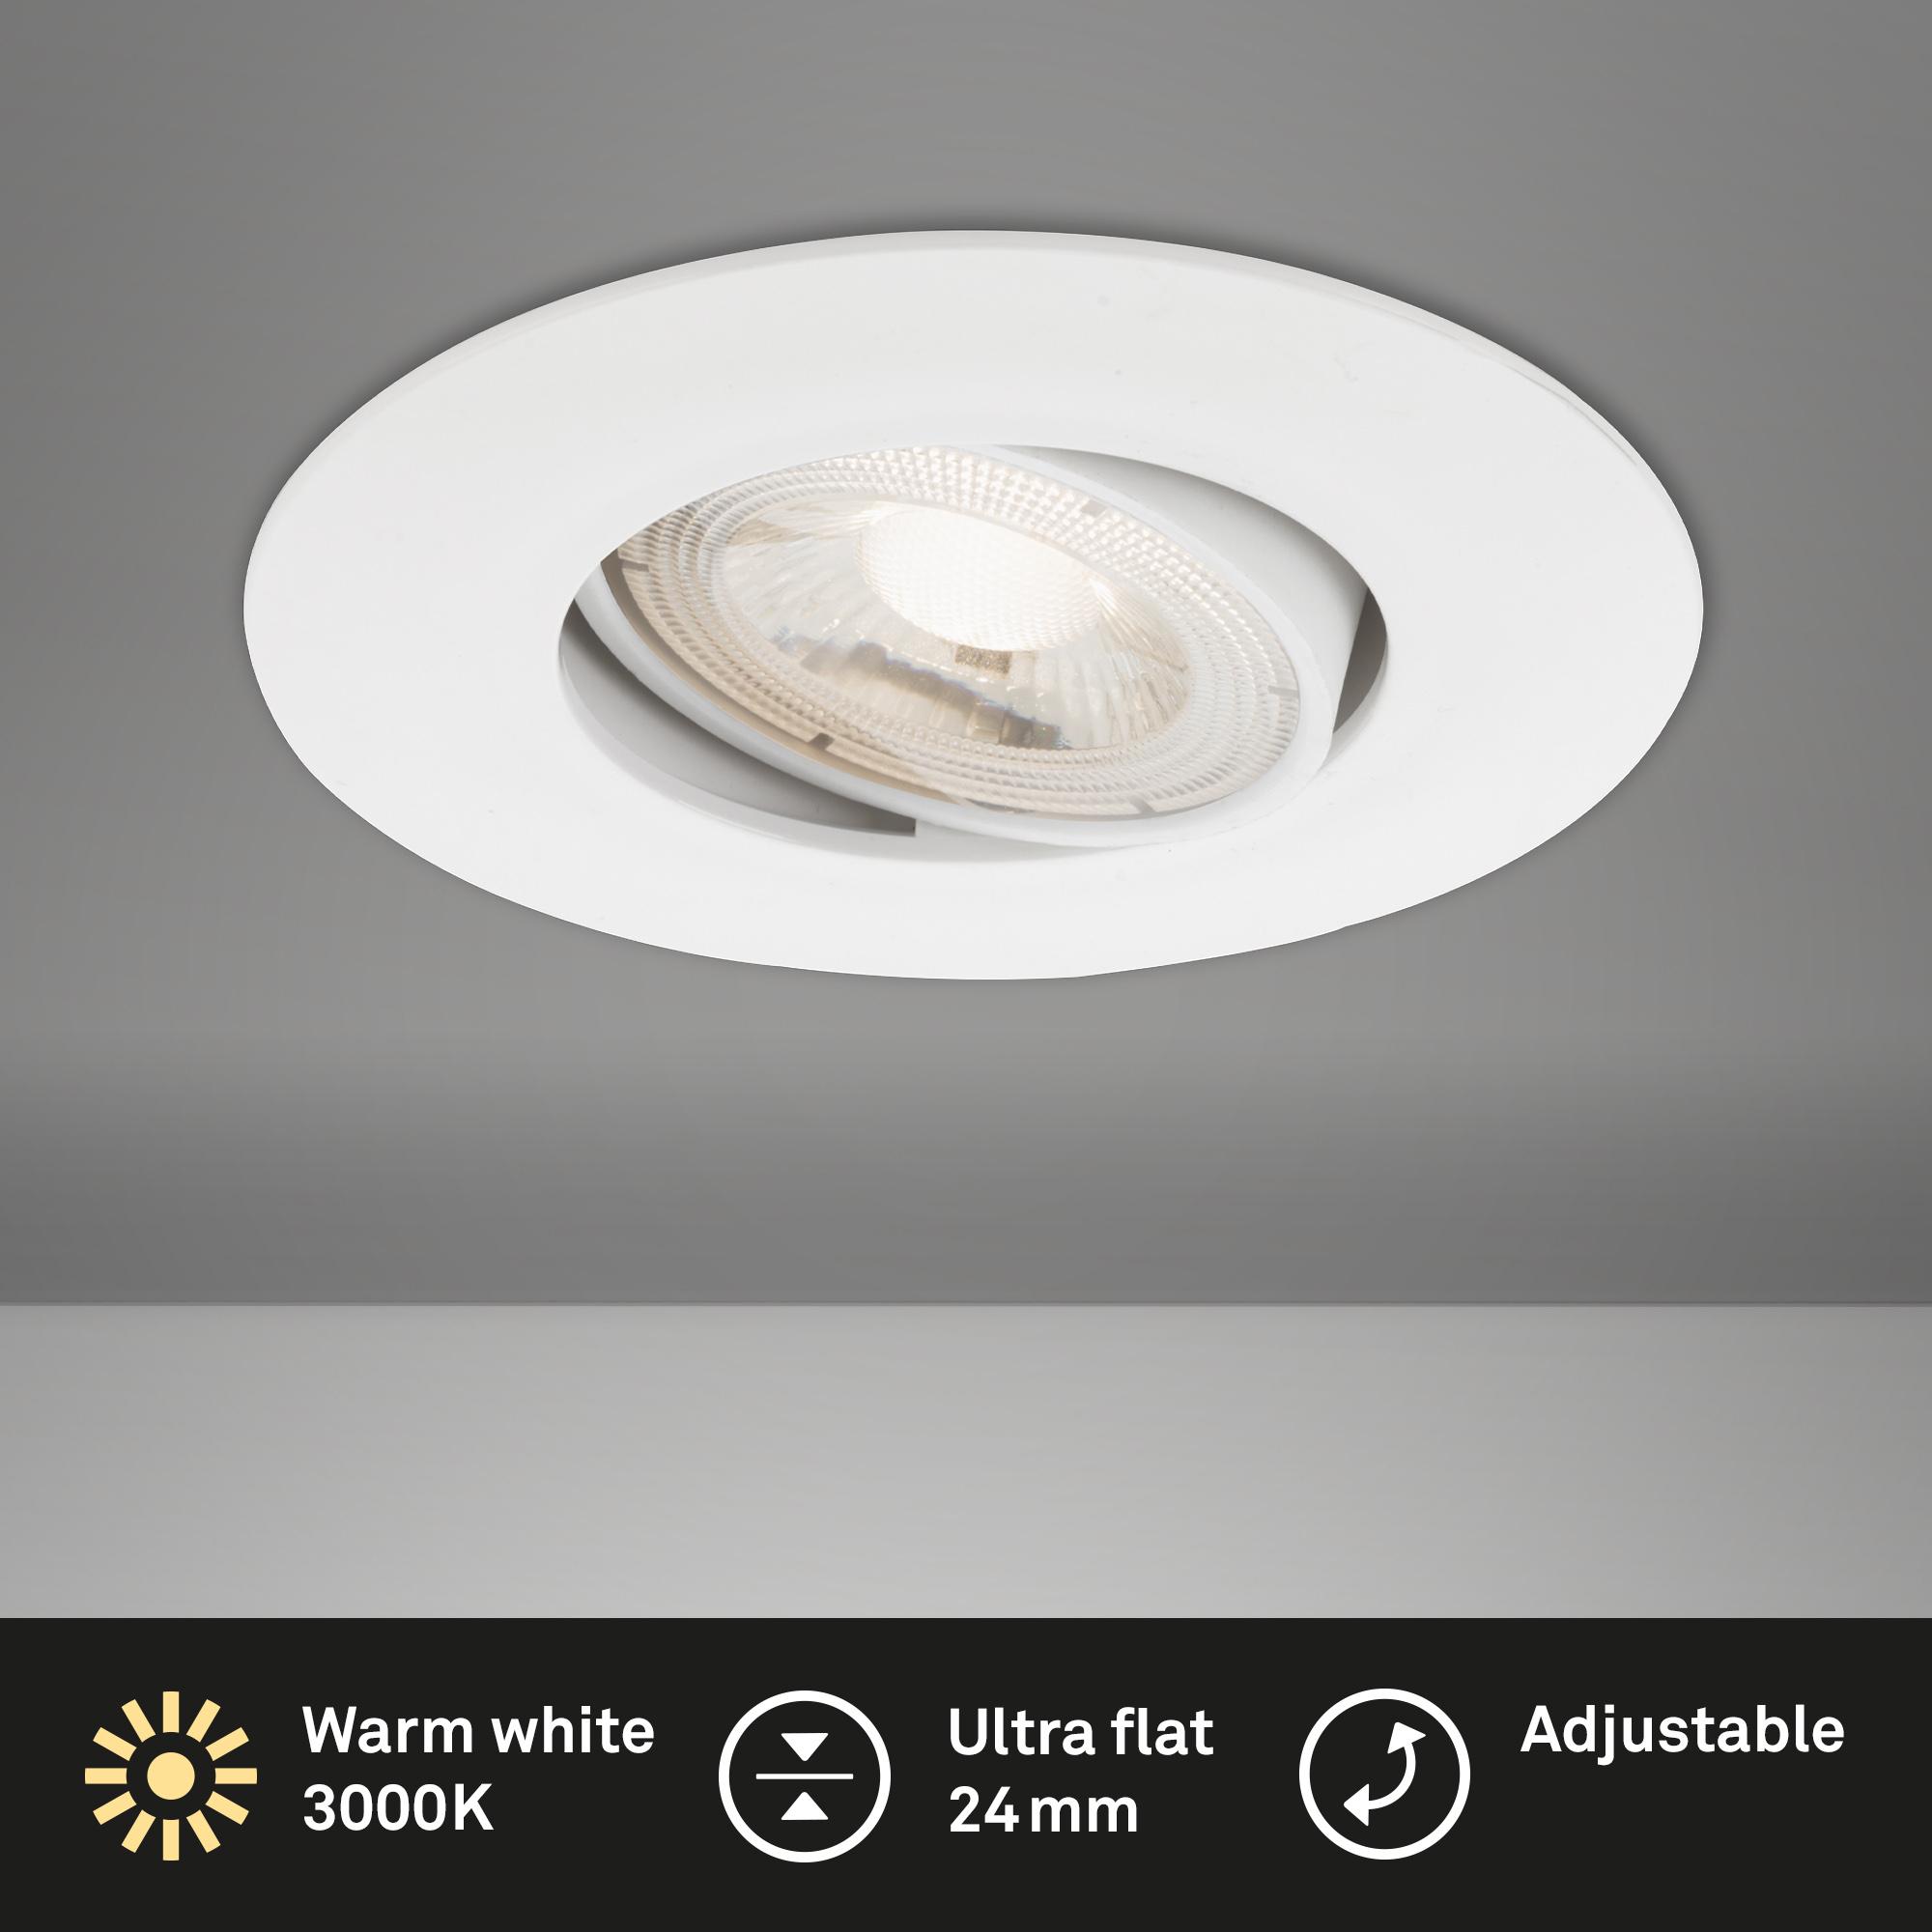 Ultraflache LED Einbauleuchte, Ø 9 cm, 5 W, Weiß